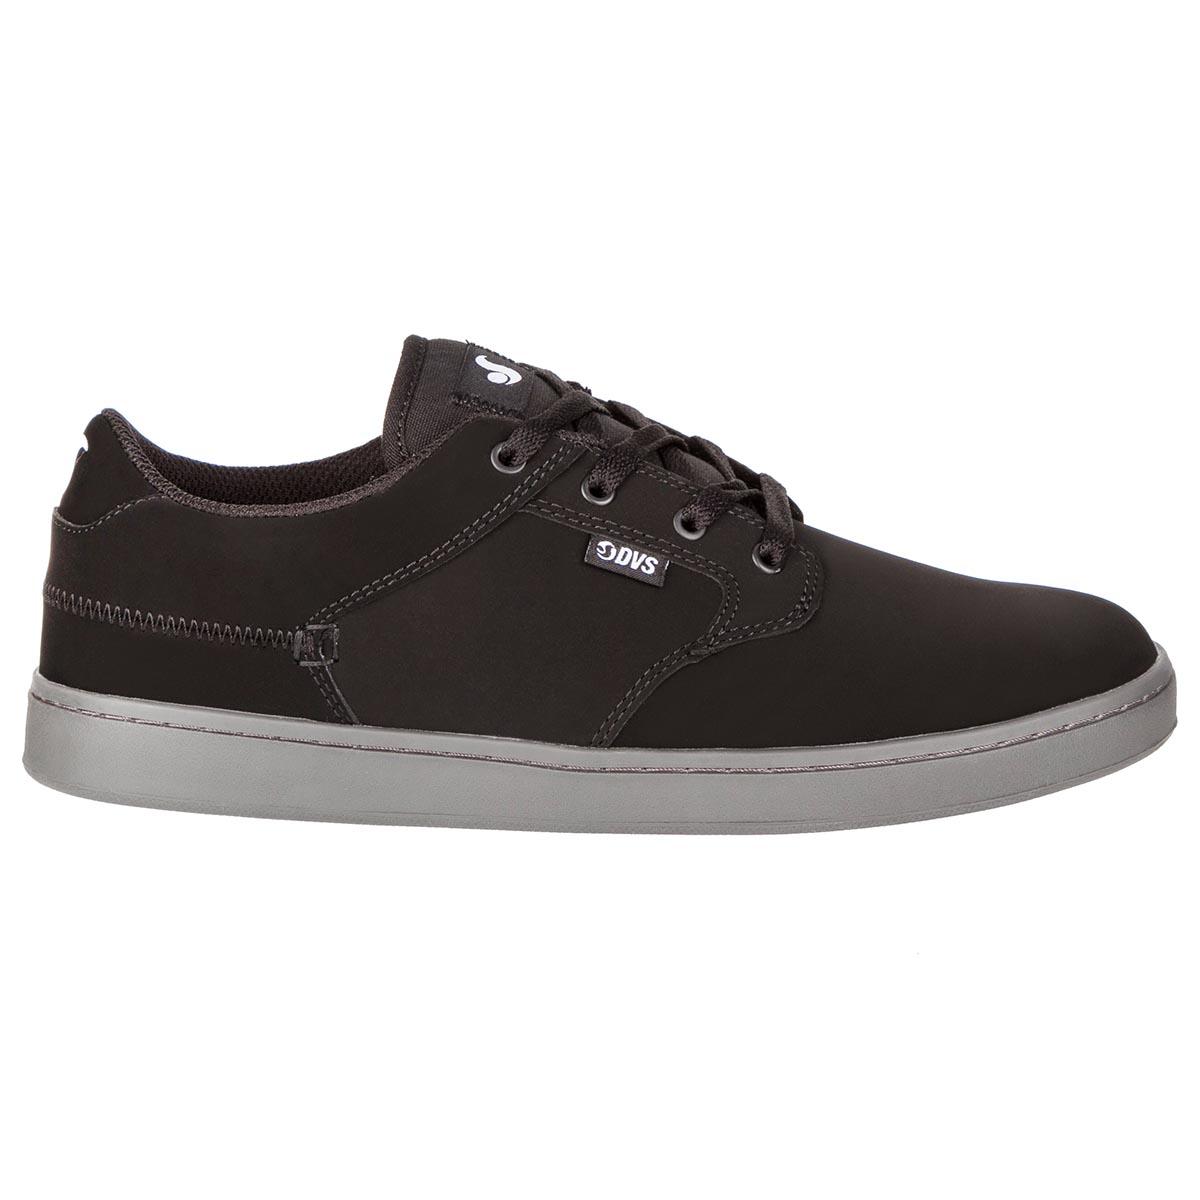 Billig gute Qualität DVS Schuhe Quentin Black Nubuck